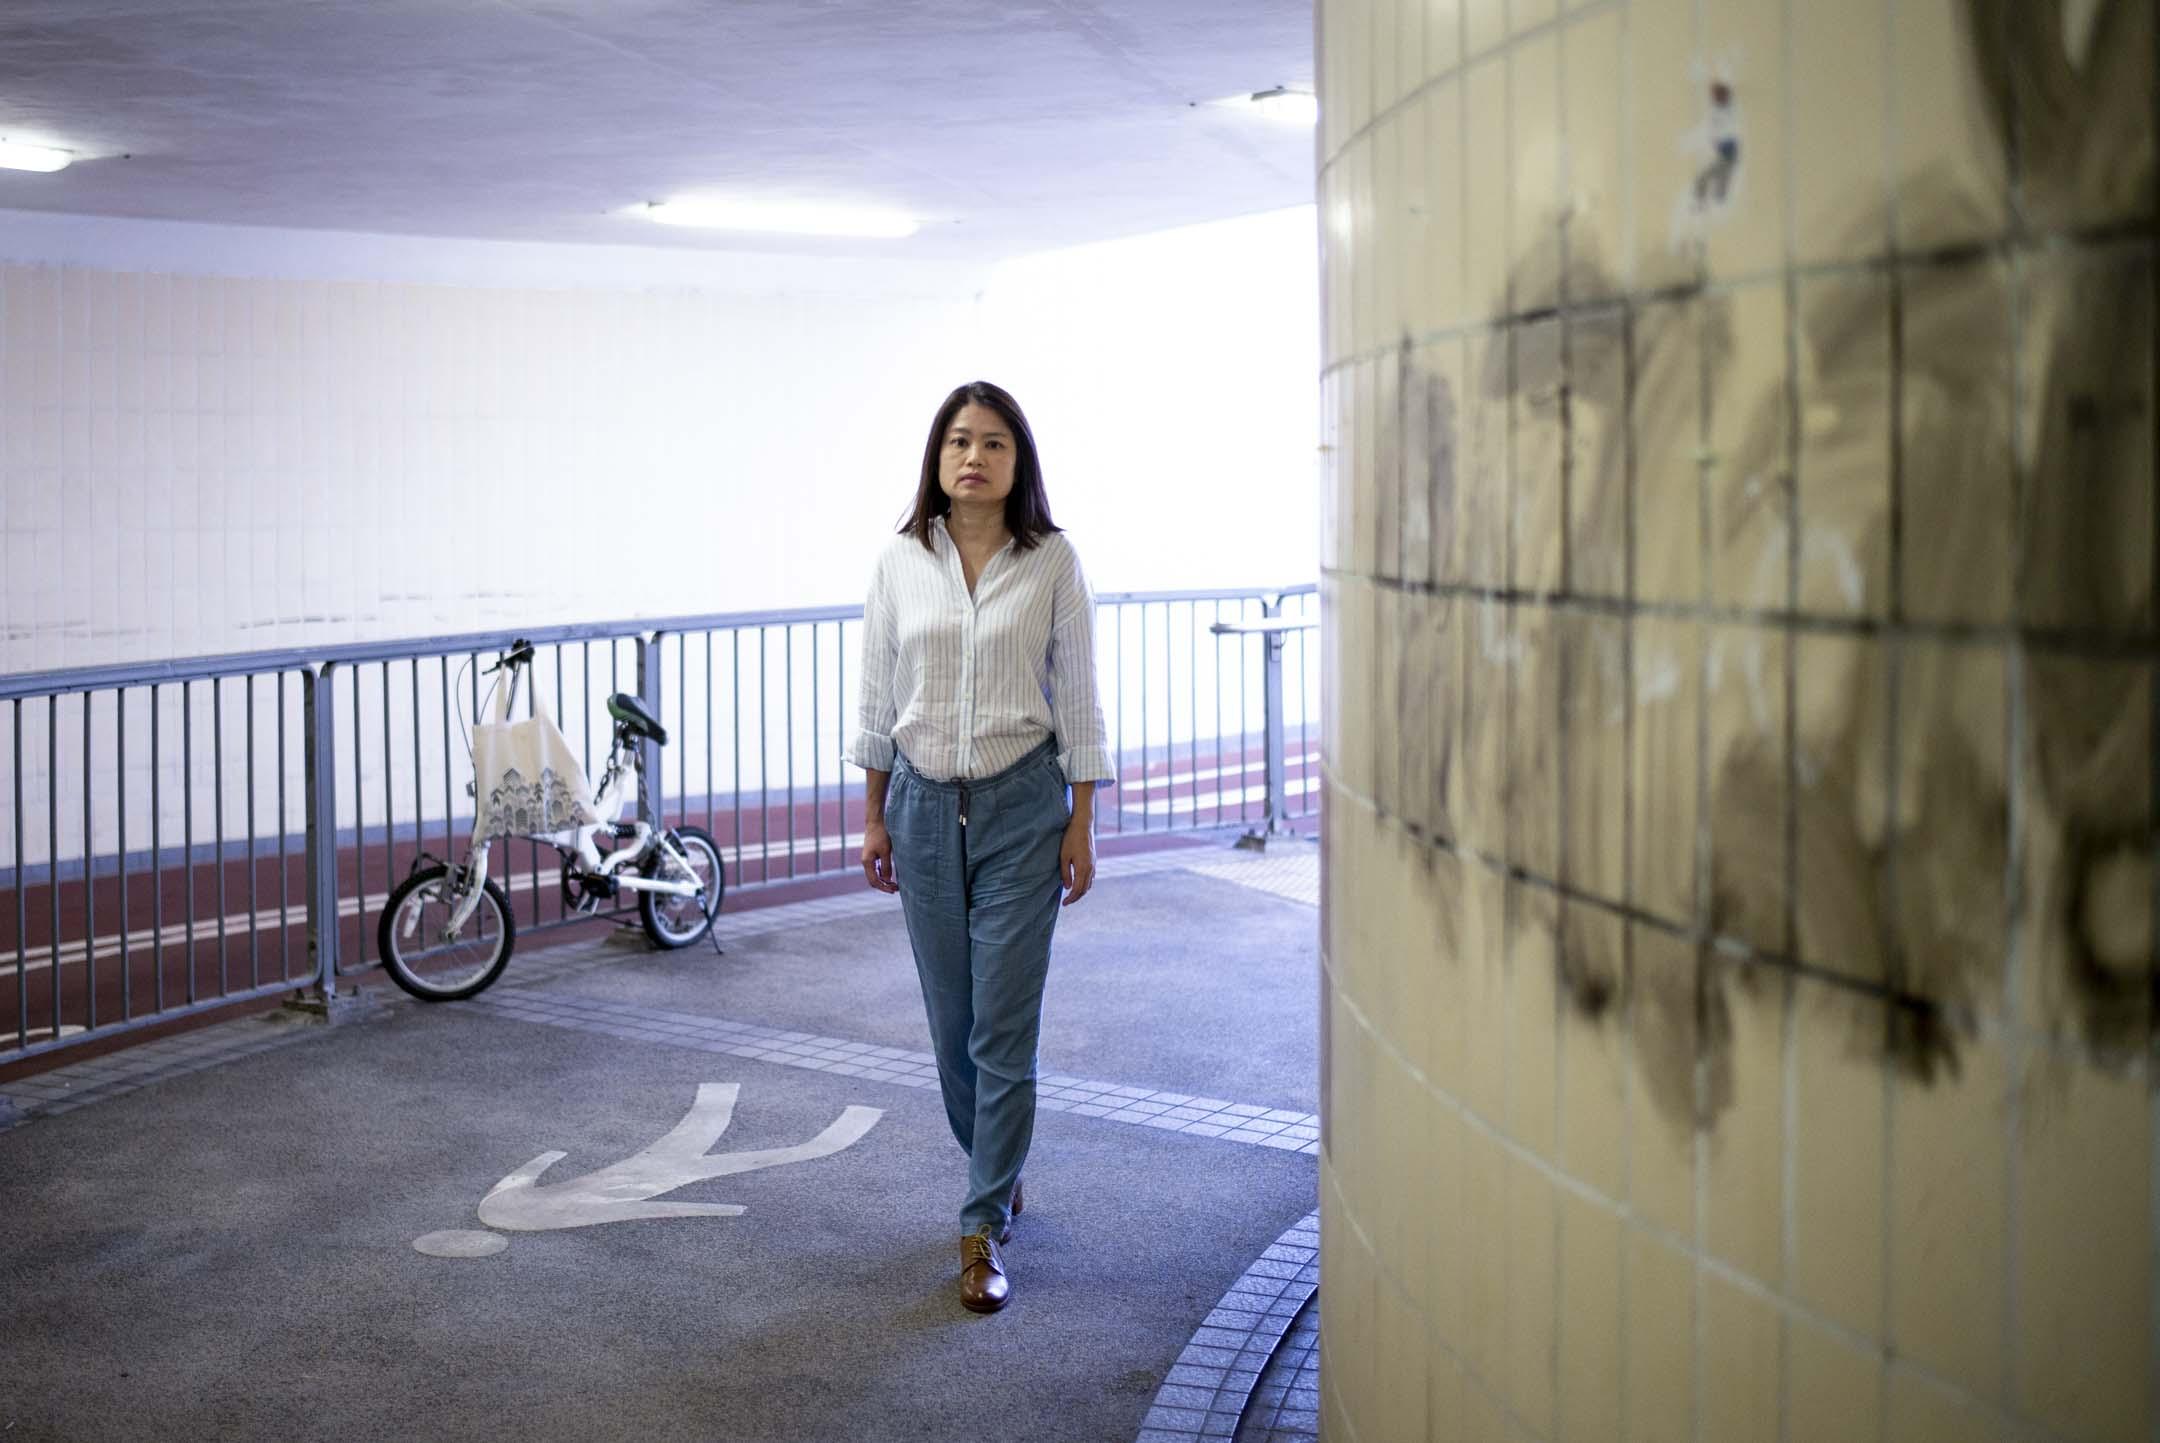 香港中文大學文化及宗教研究系的彭麗君教授。 攝:林振東/端傳媒